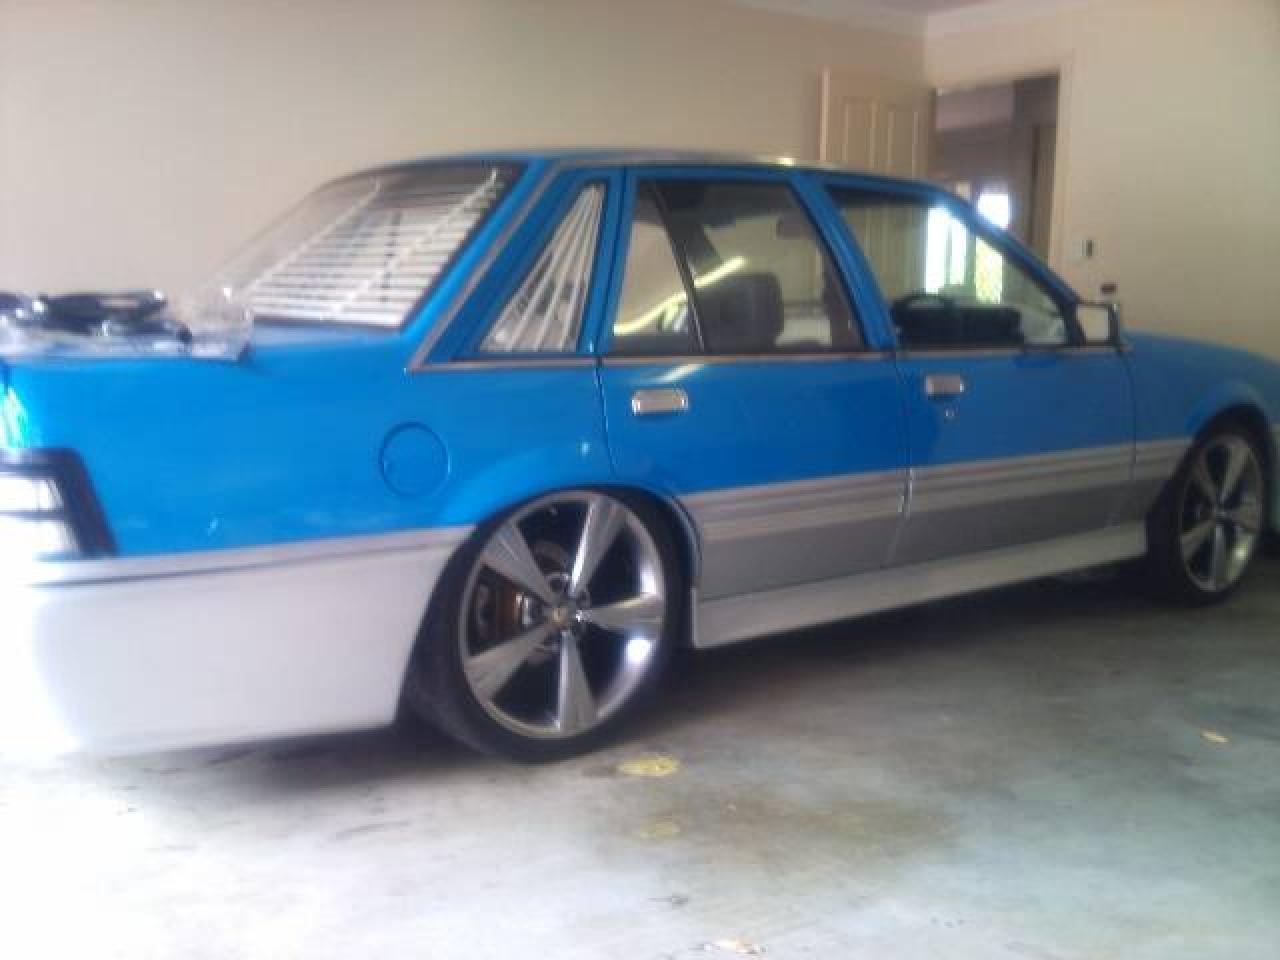 1986 Holden Commodore Sl Vl - BoostCruising